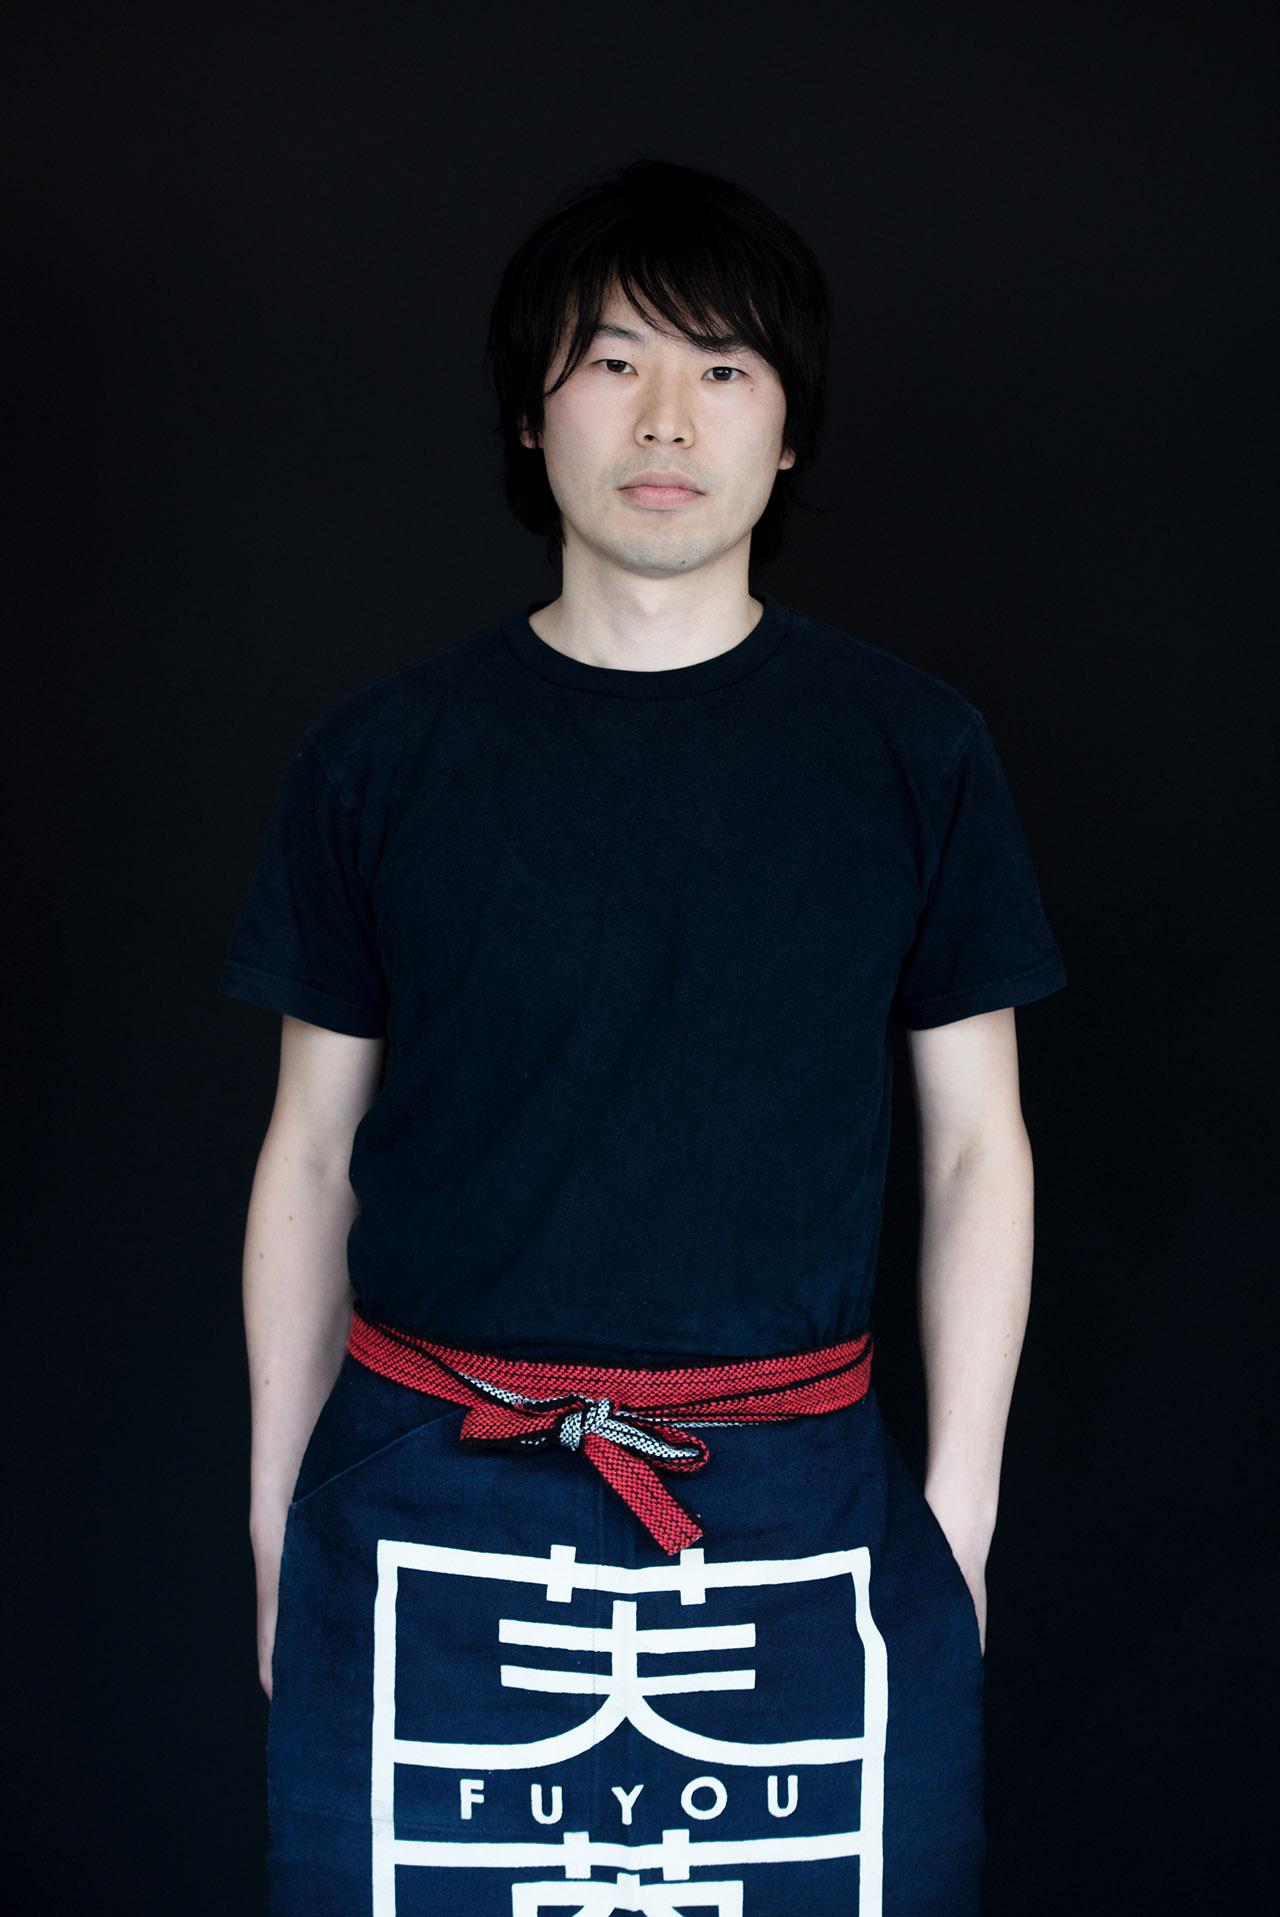 依田 昂憲